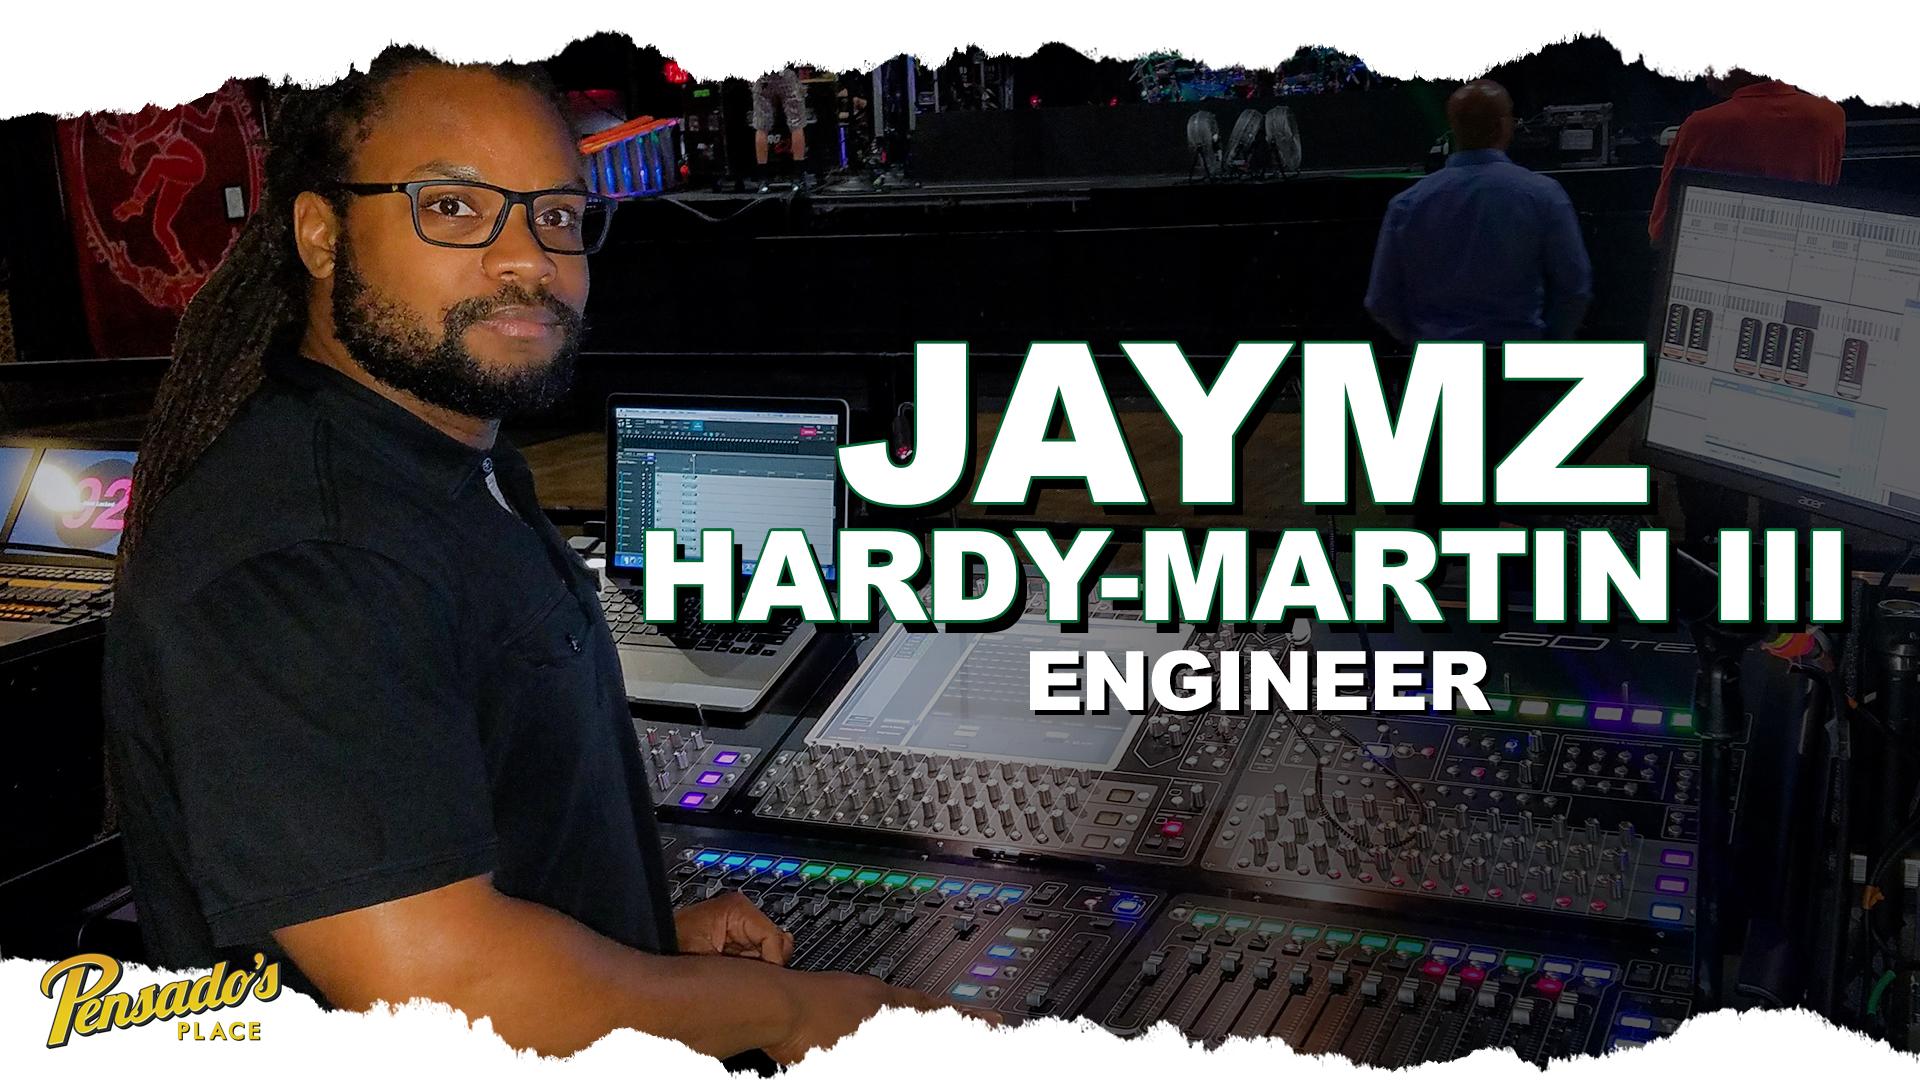 Engineer, Jaymz Hardy-Martin III